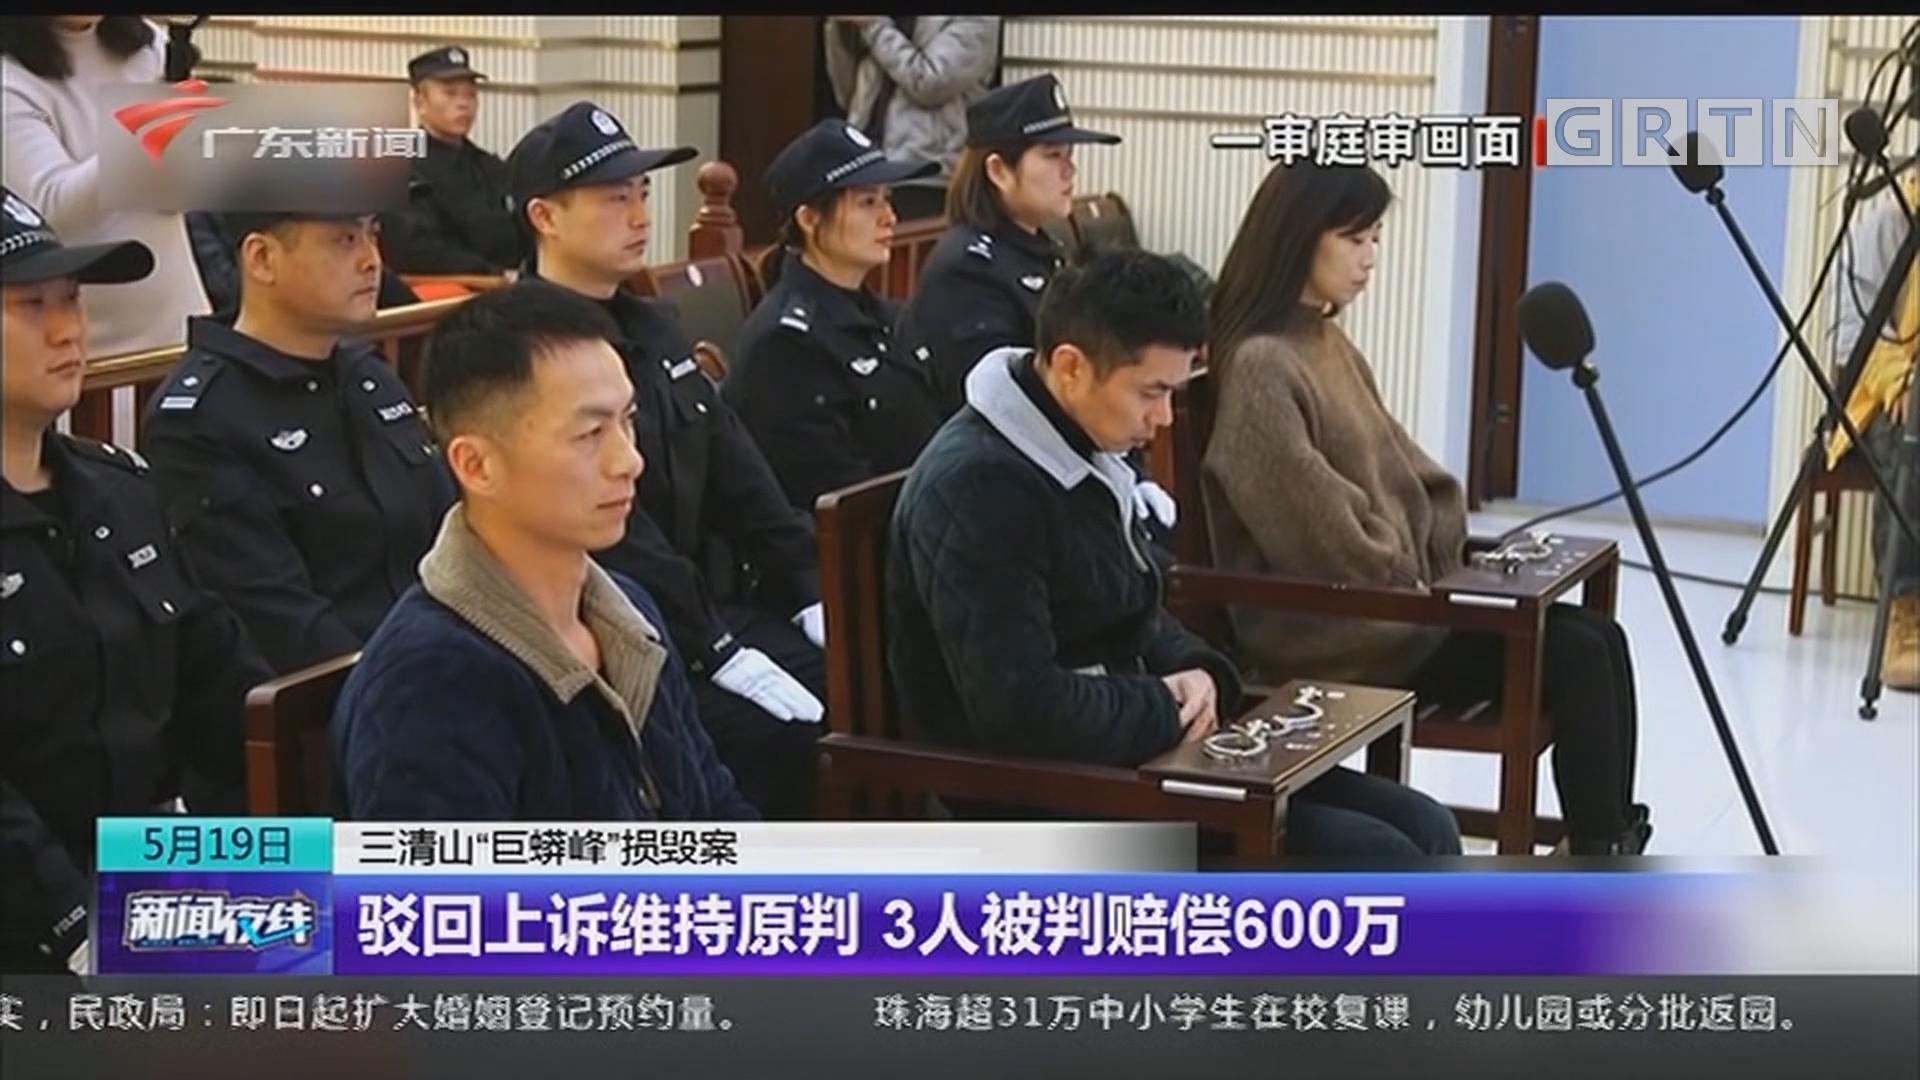 """三清山""""巨蟒峰""""损毁案 驳回上诉维持原判 3人被判赔偿600万"""